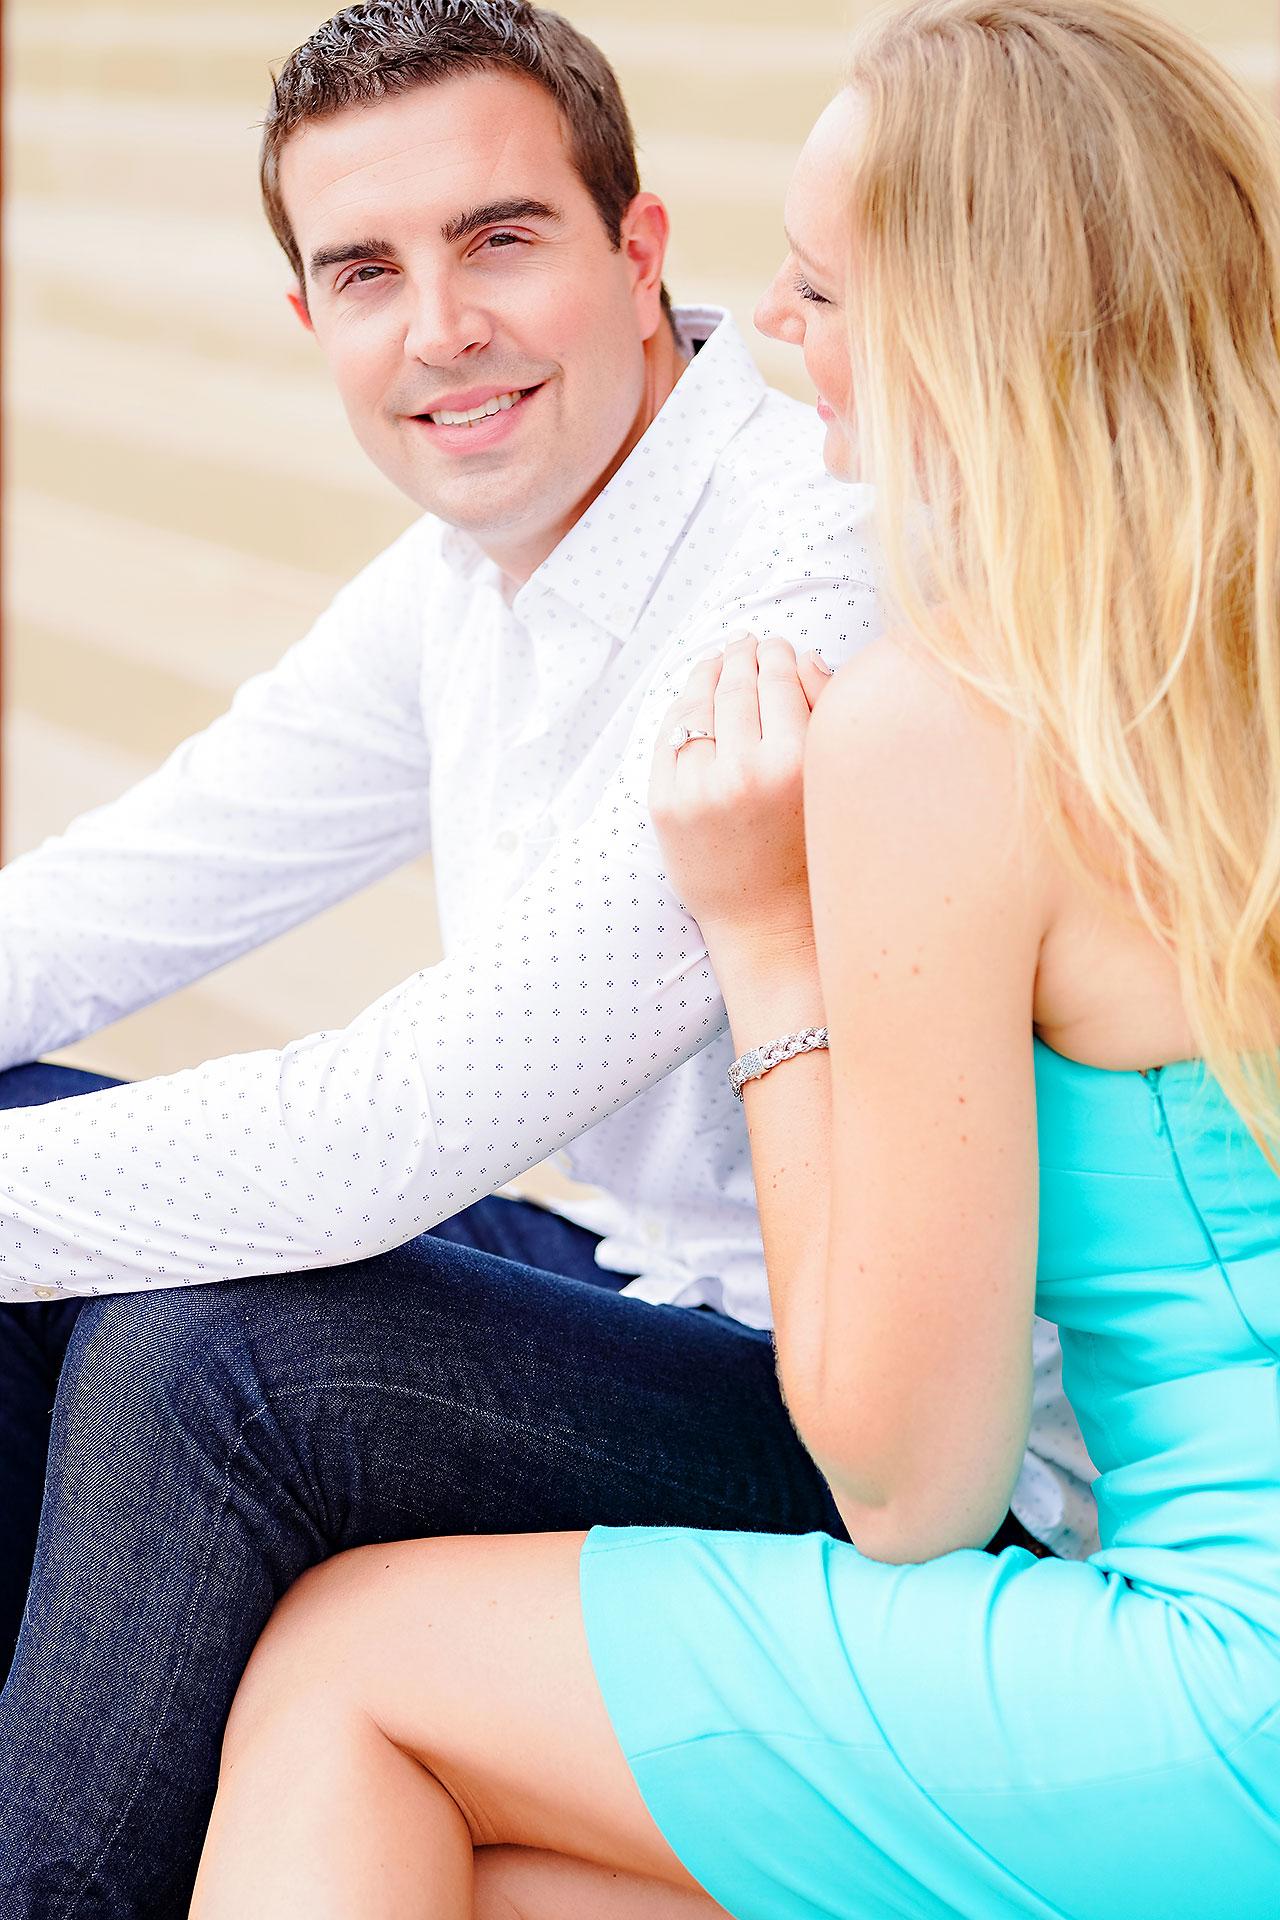 Liz Zach Midtown Carmel Engagement Session 069